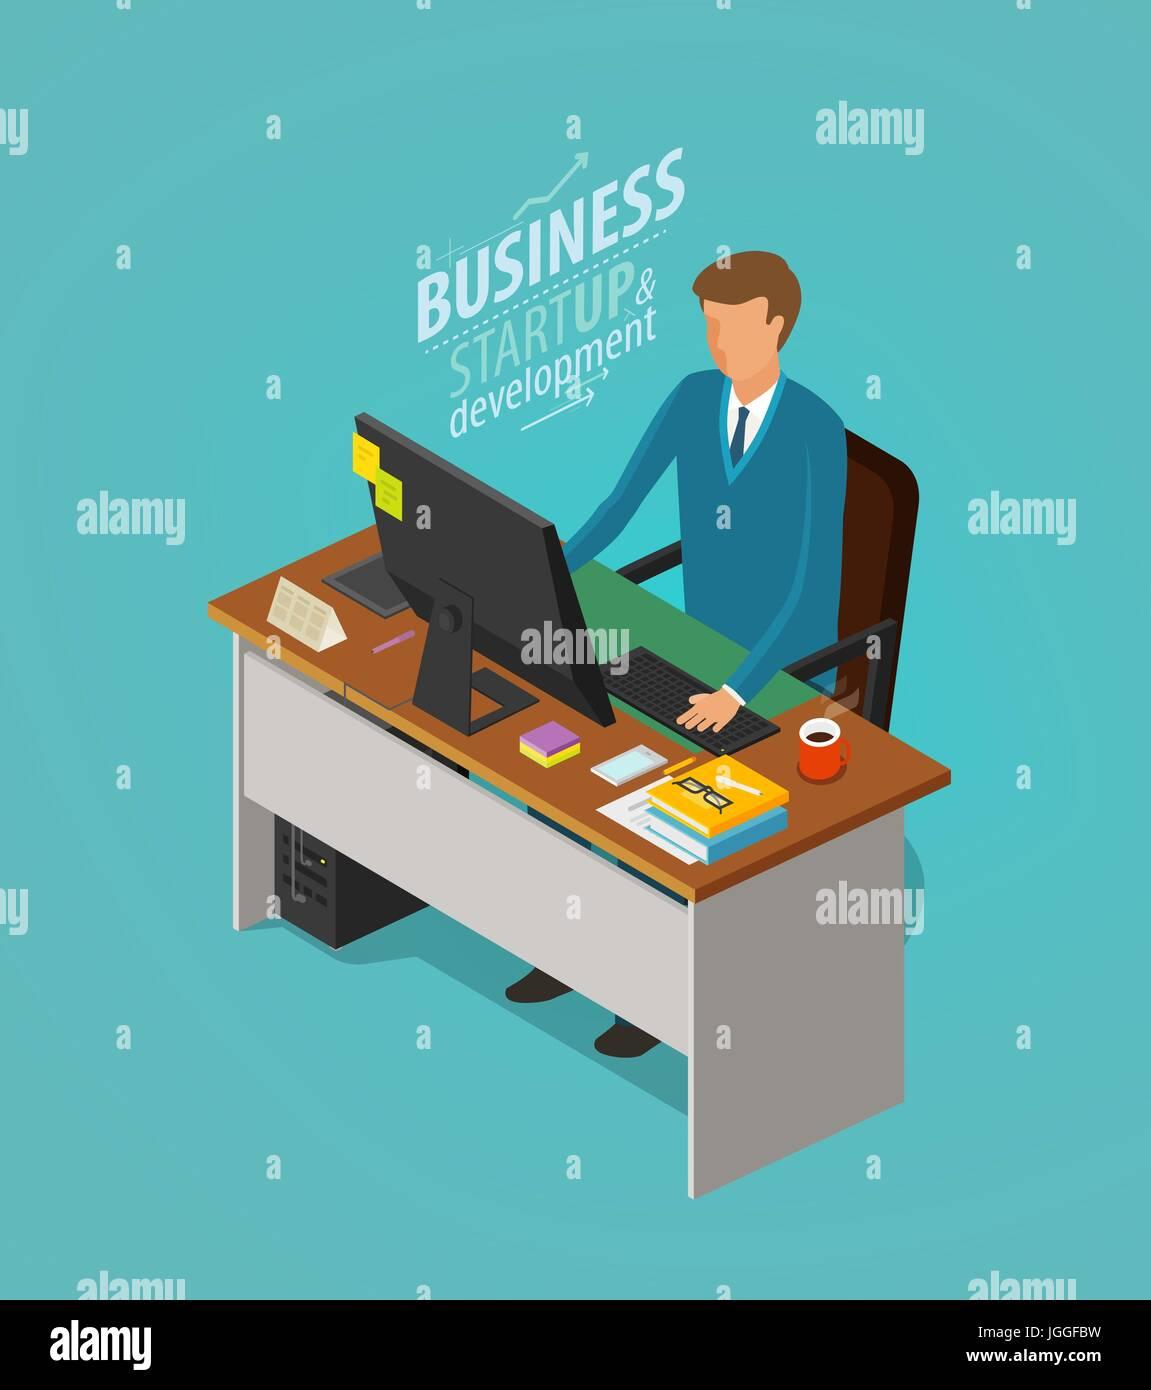 Concept d'entreprise. Homme d'affaires, l'homme assis à un bureau avec ordinateur. Employée de bureau, travail, lieu de travail, l'icône de carrière. Télévision vector illustration Illustration de Vecteur